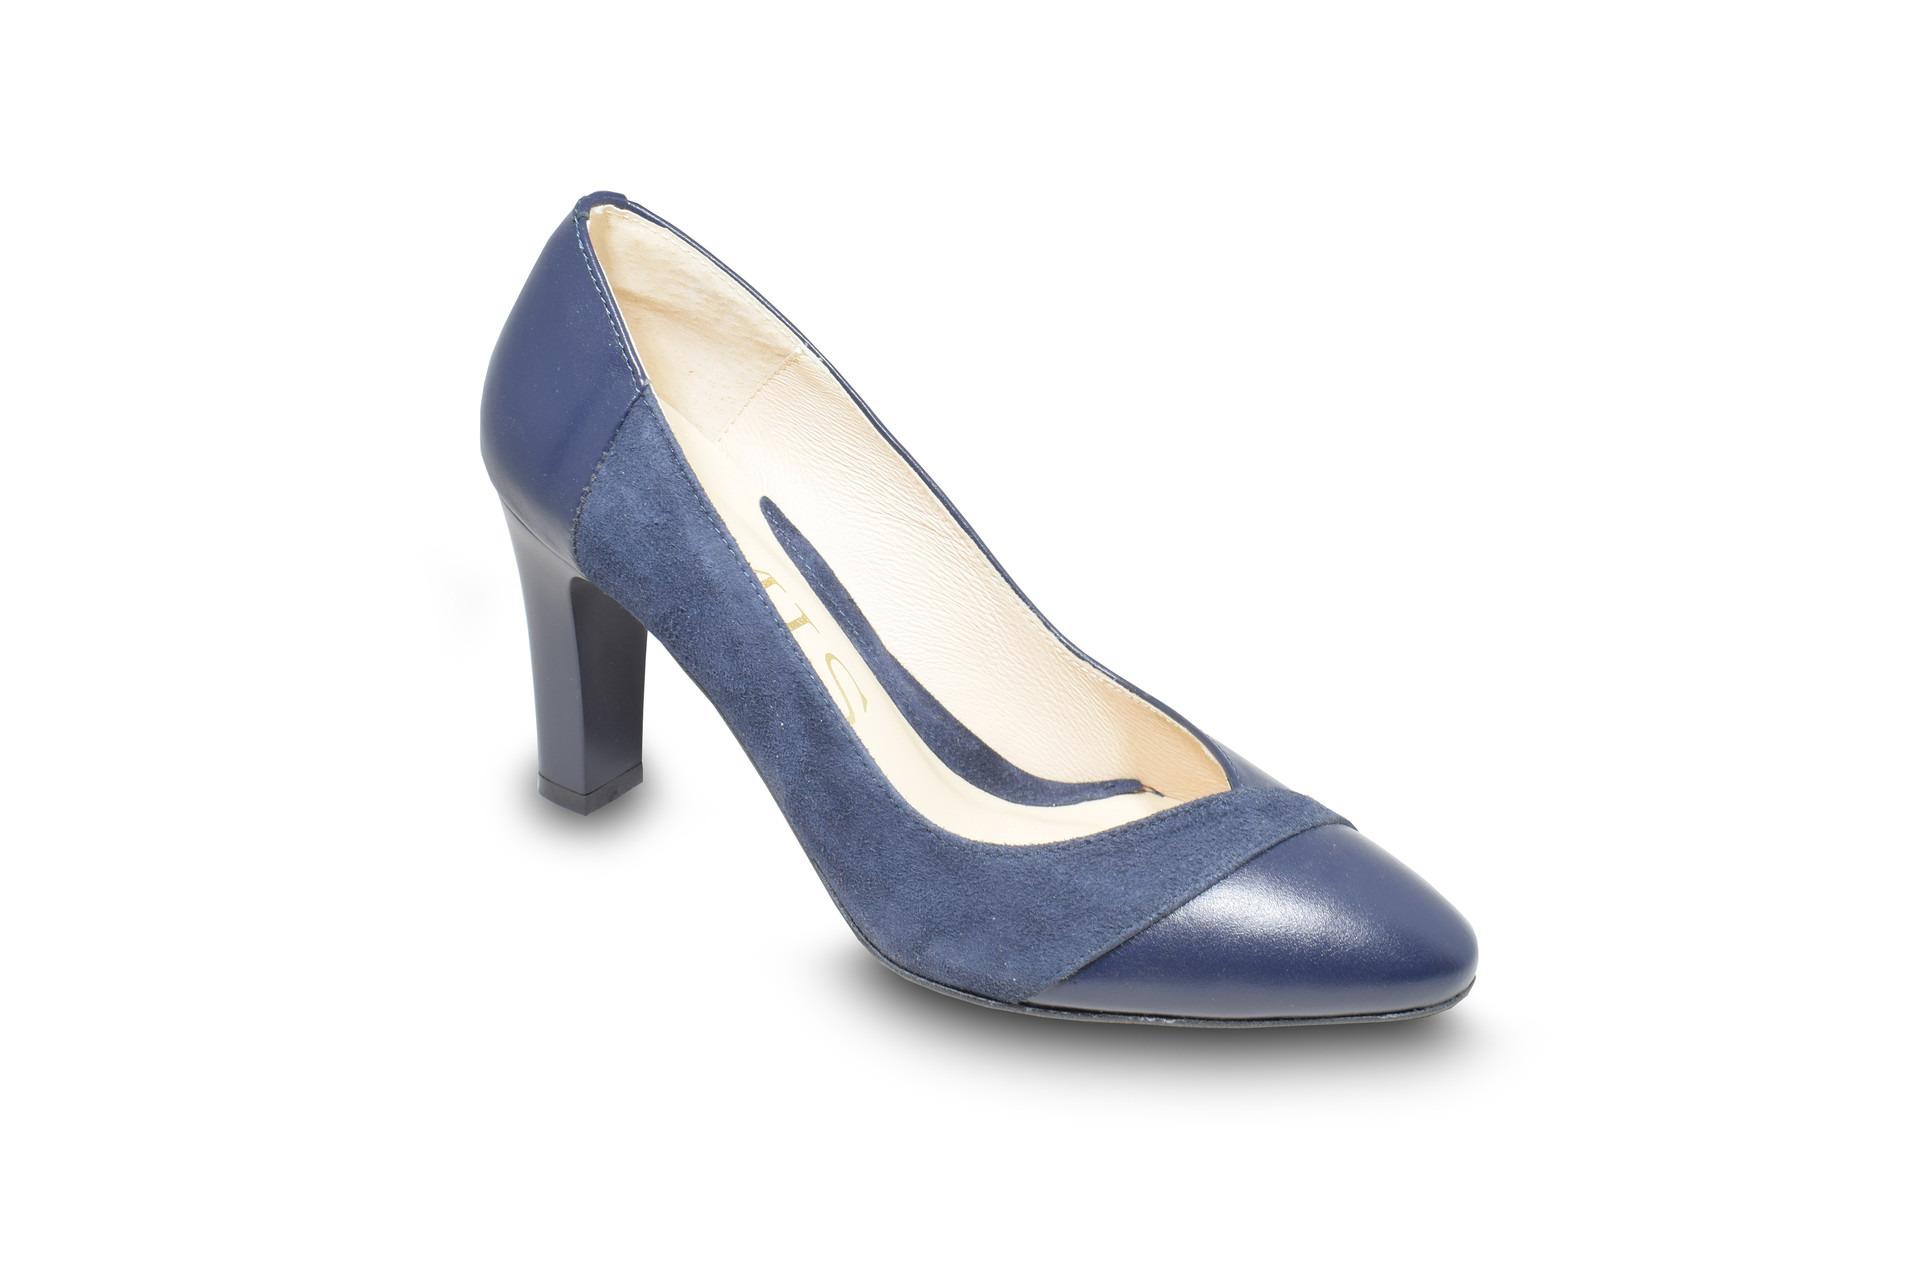 d8178cdc00 GALLERY SHOES - Lodičky - Pohodlné modré lodičky kombinovaná hladká ...